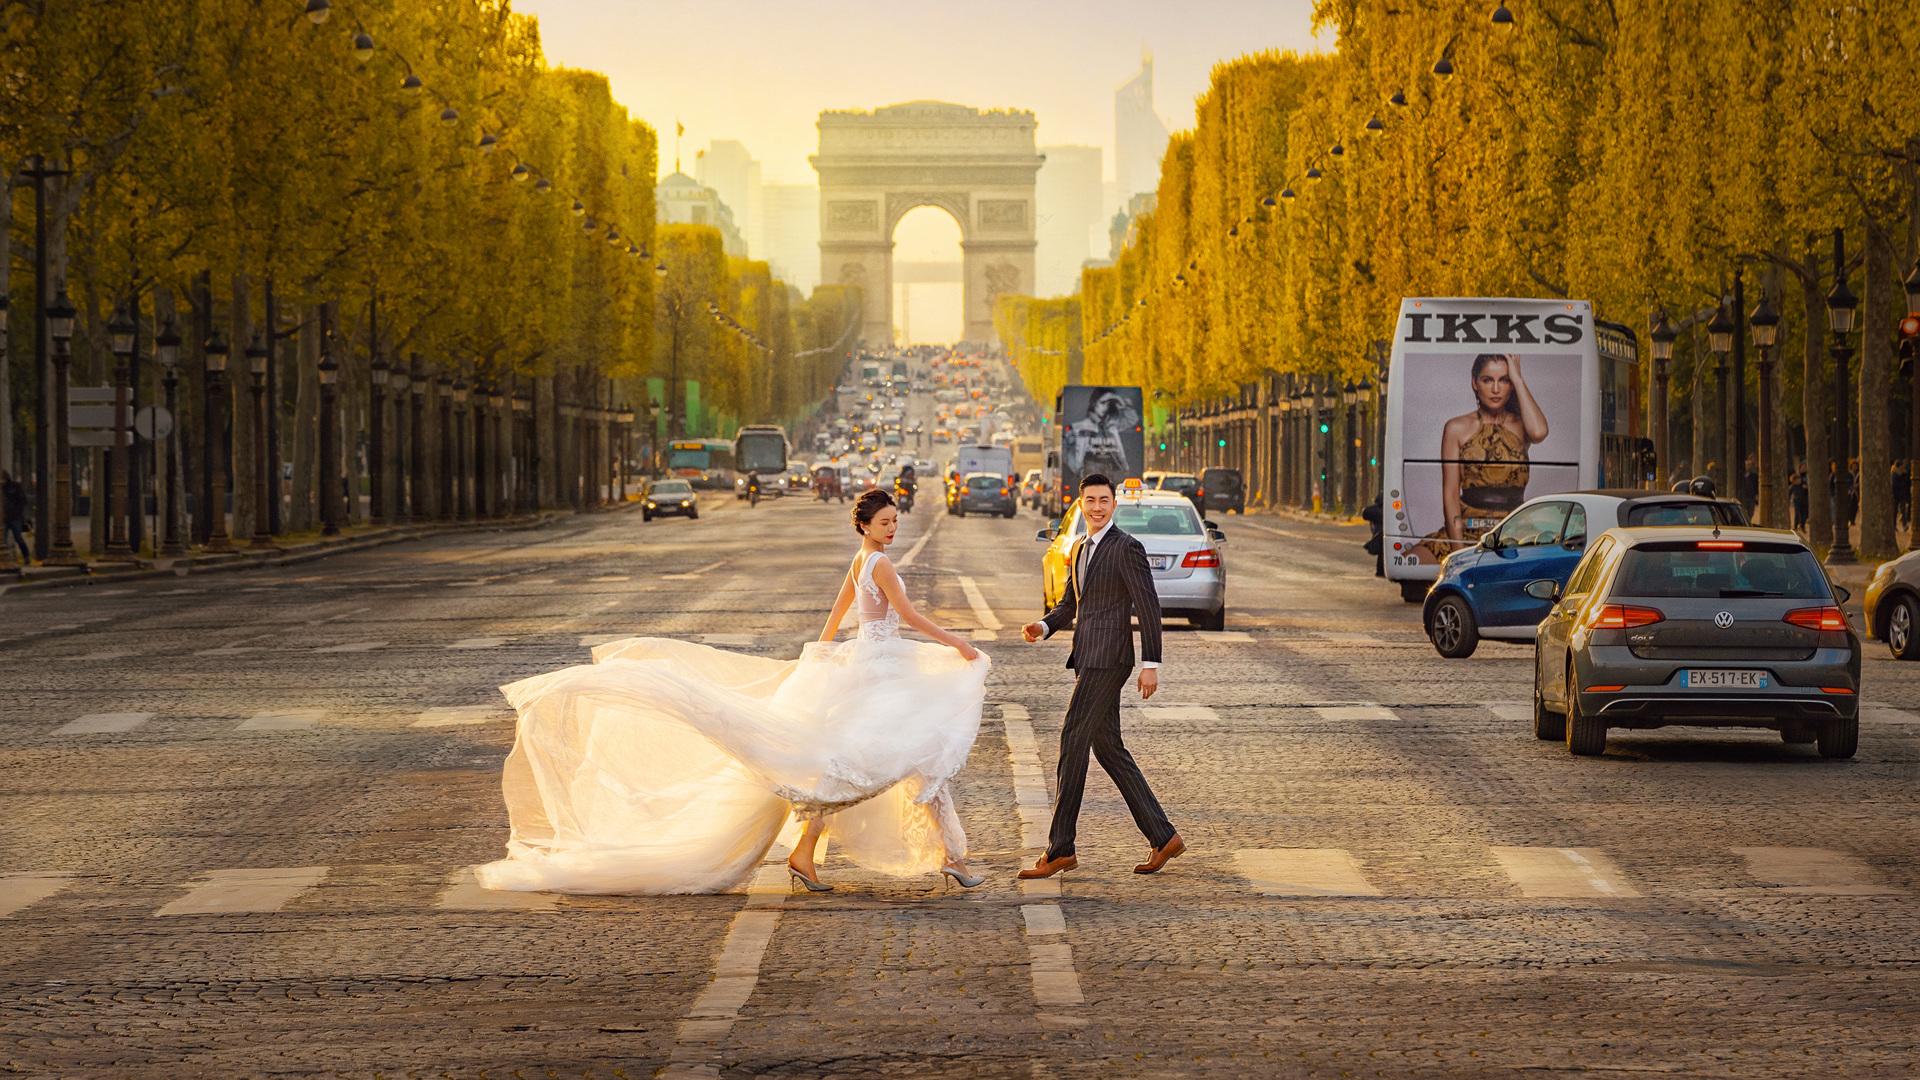 厦门旅拍婚纱照常见注意事项问题介绍,这些你肯定要知道